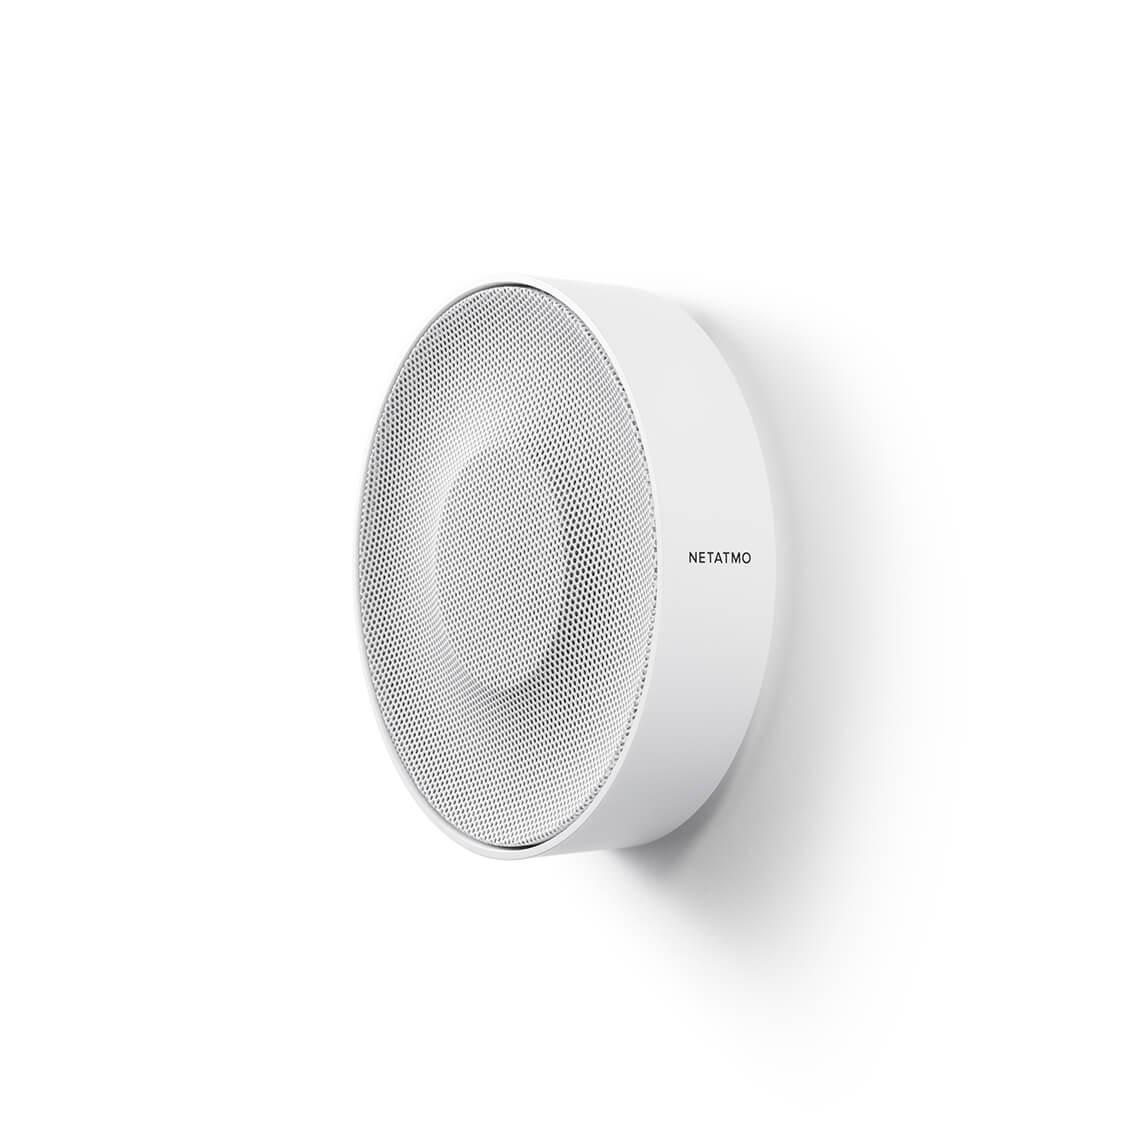 Netatmo Smarte Innen-Alarmsirene | 110 dB Signal, automatische Aktivierung des Sicherheitssystems